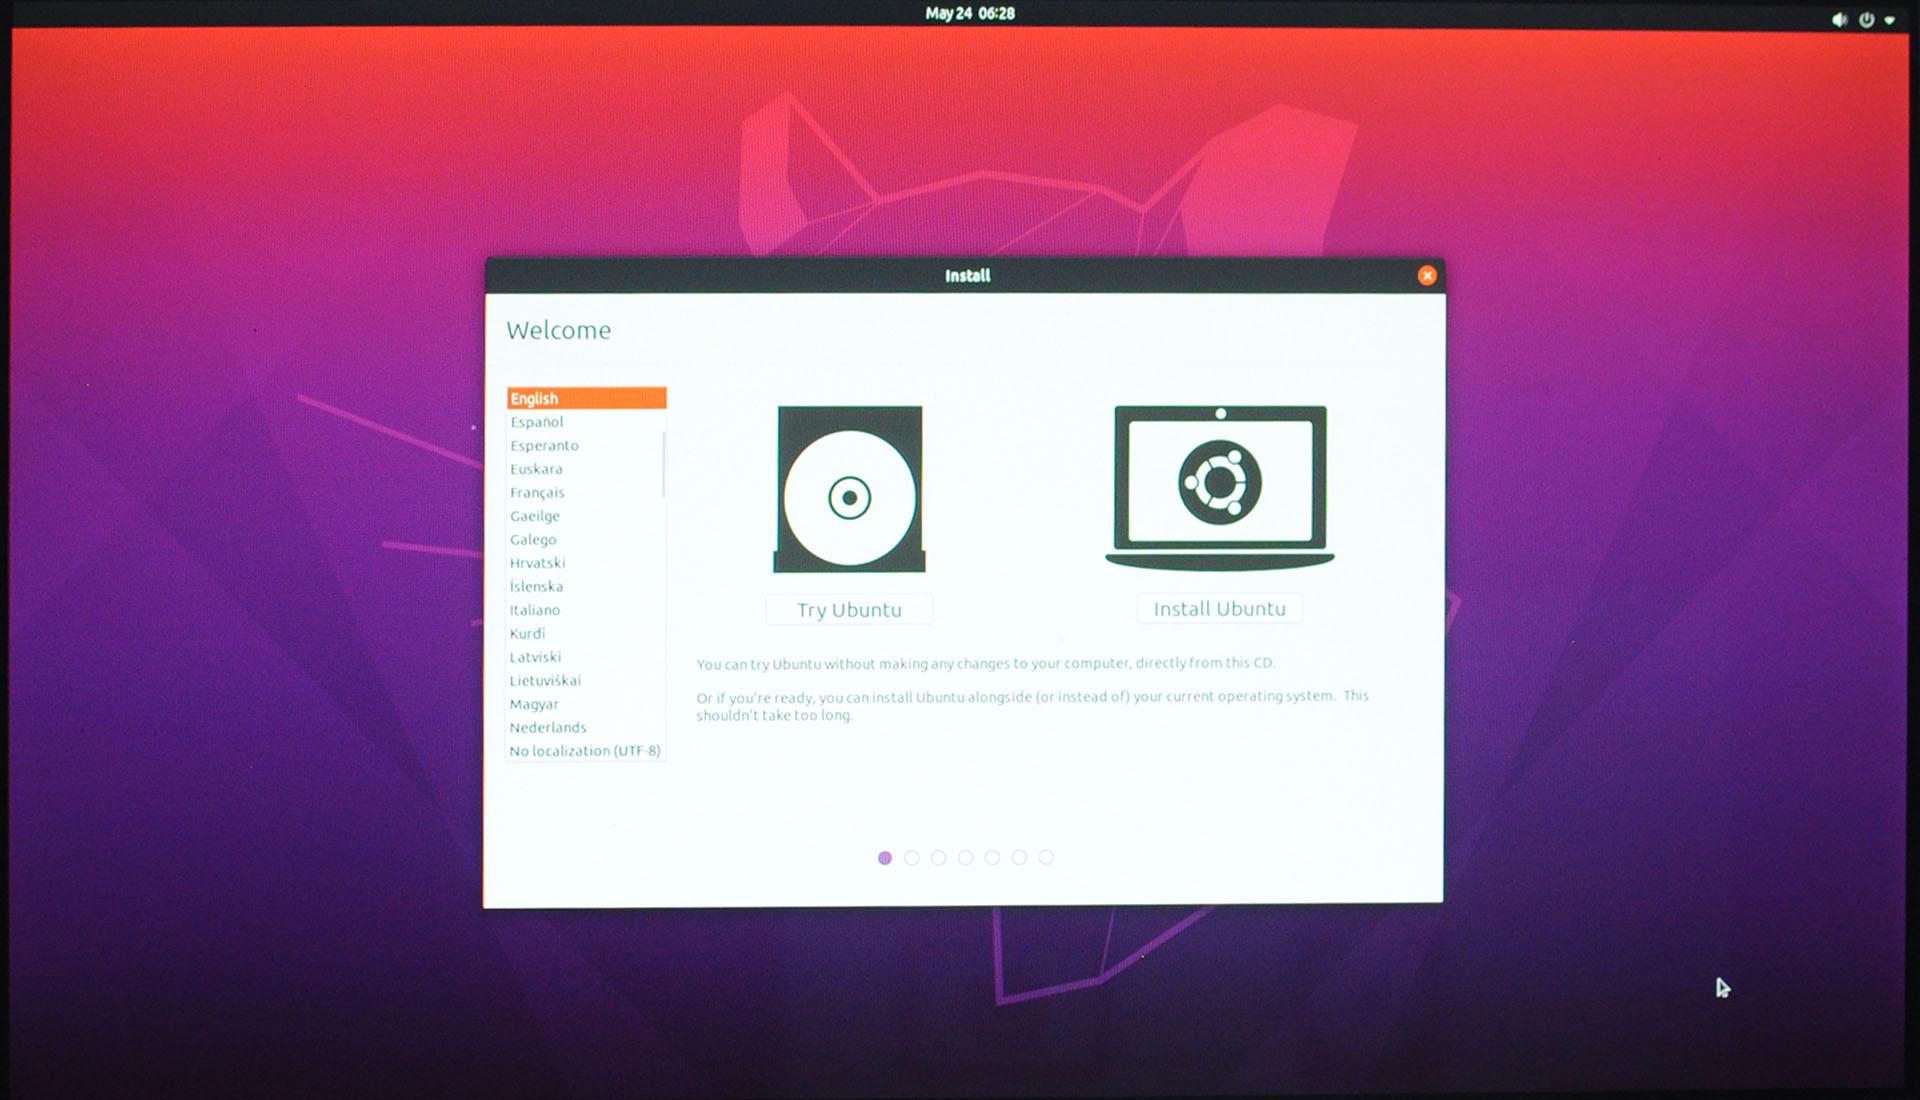 Install Ubuntu 20.04 LTS - Install